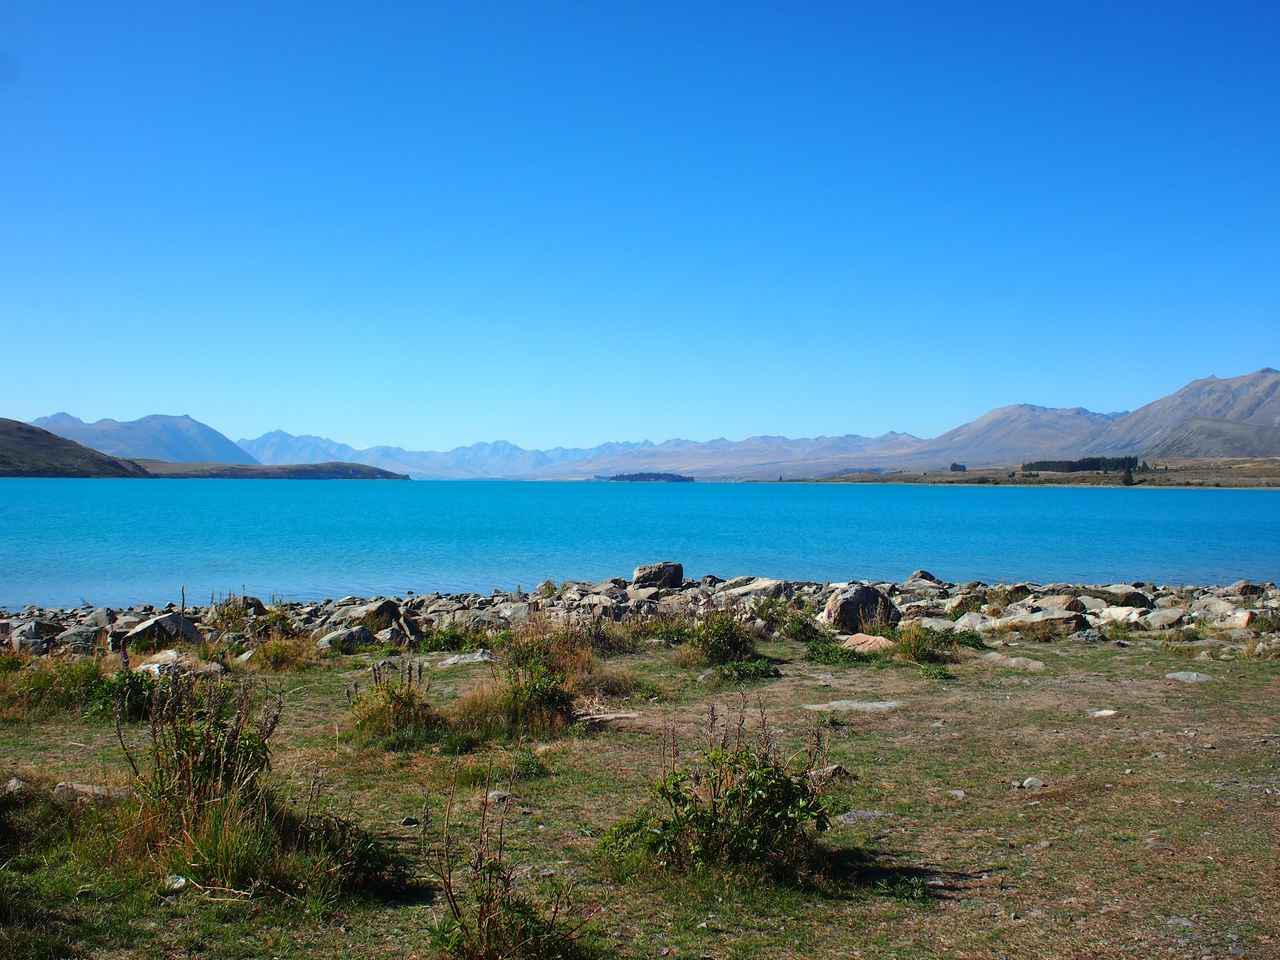 画像: ミルキーブルーに輝くテカポ湖(弊社スタッフ撮影) 氷河粉という氷河が動く際に削り出される岩石の成分が水に溶け込む事でこのブルーが作り出されているのです。まさに 「自然が創りだした芸術」 。